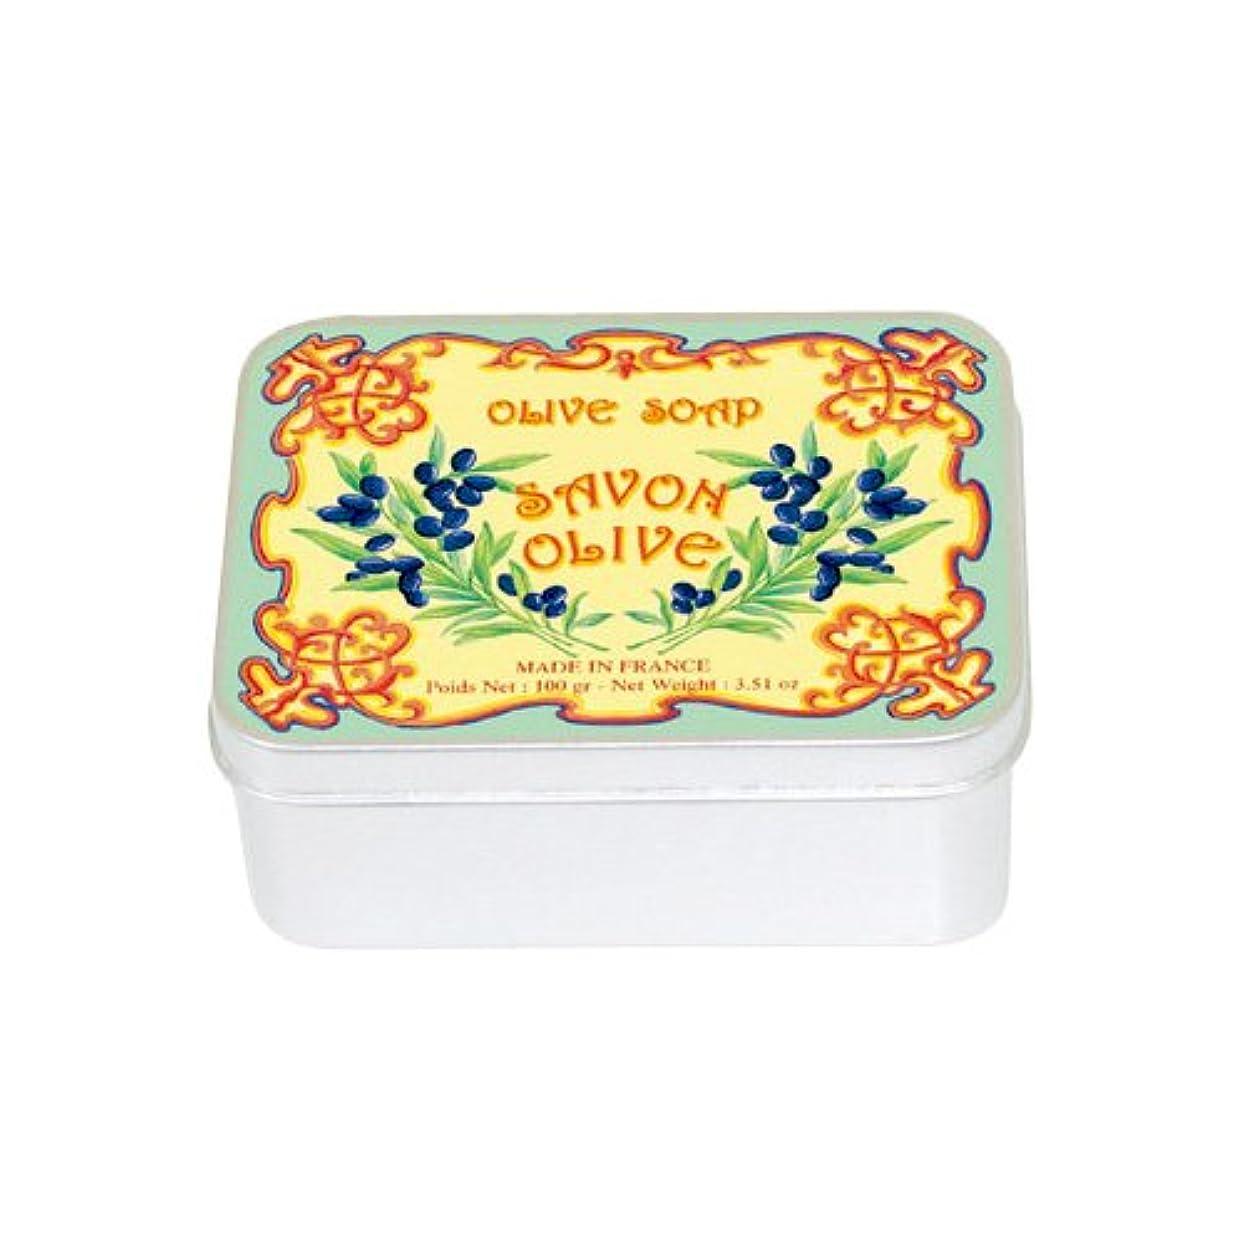 落胆するハーネス体現するルブランソープ メタルボックス(オリーブの香り)石鹸